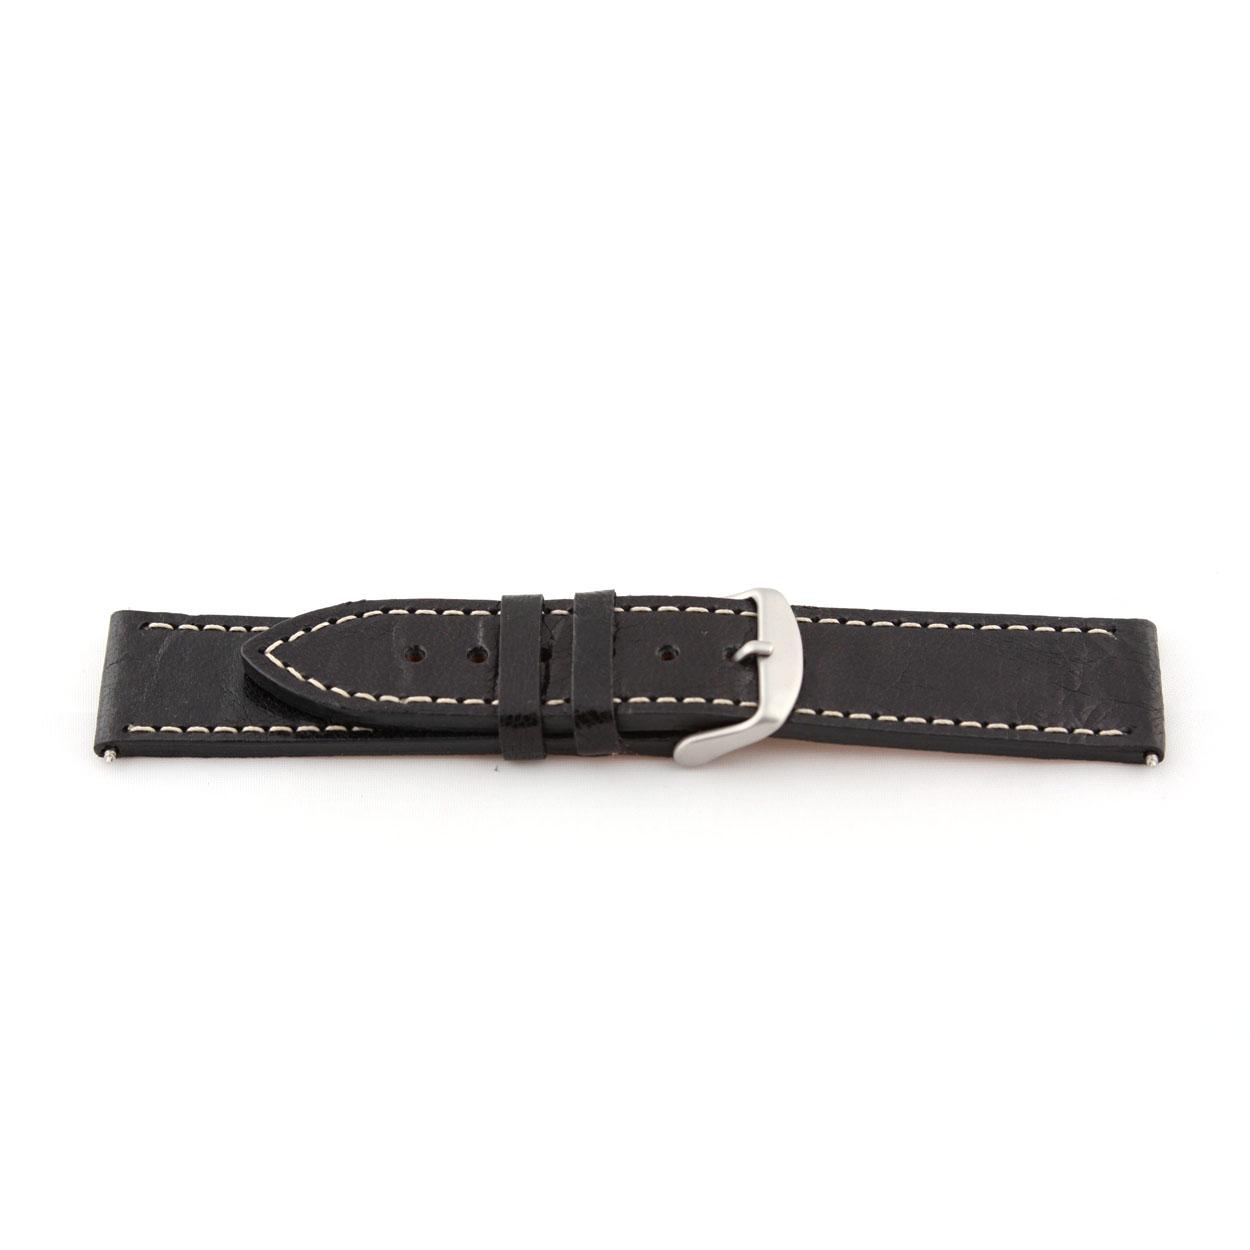 Echt leder zwart 24mm EX-H79